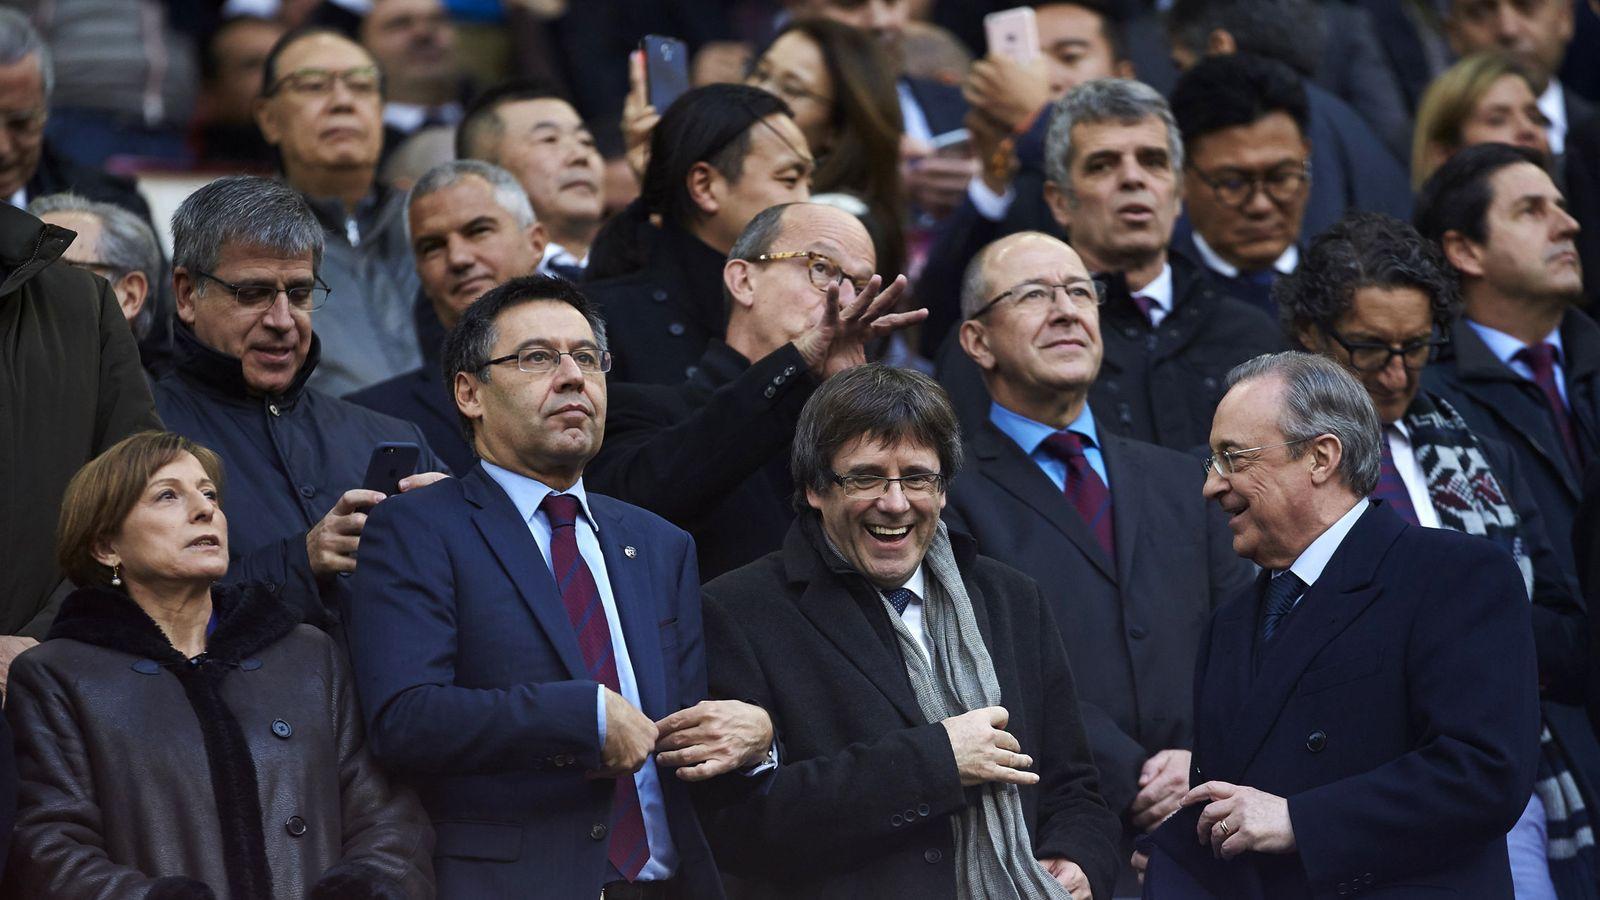 Foto: Carme Forcadell, Josep Maria Bartomeu, Carles Puigdemont y Florentino Pérez, en el palco del Camp Nou. (EFE)